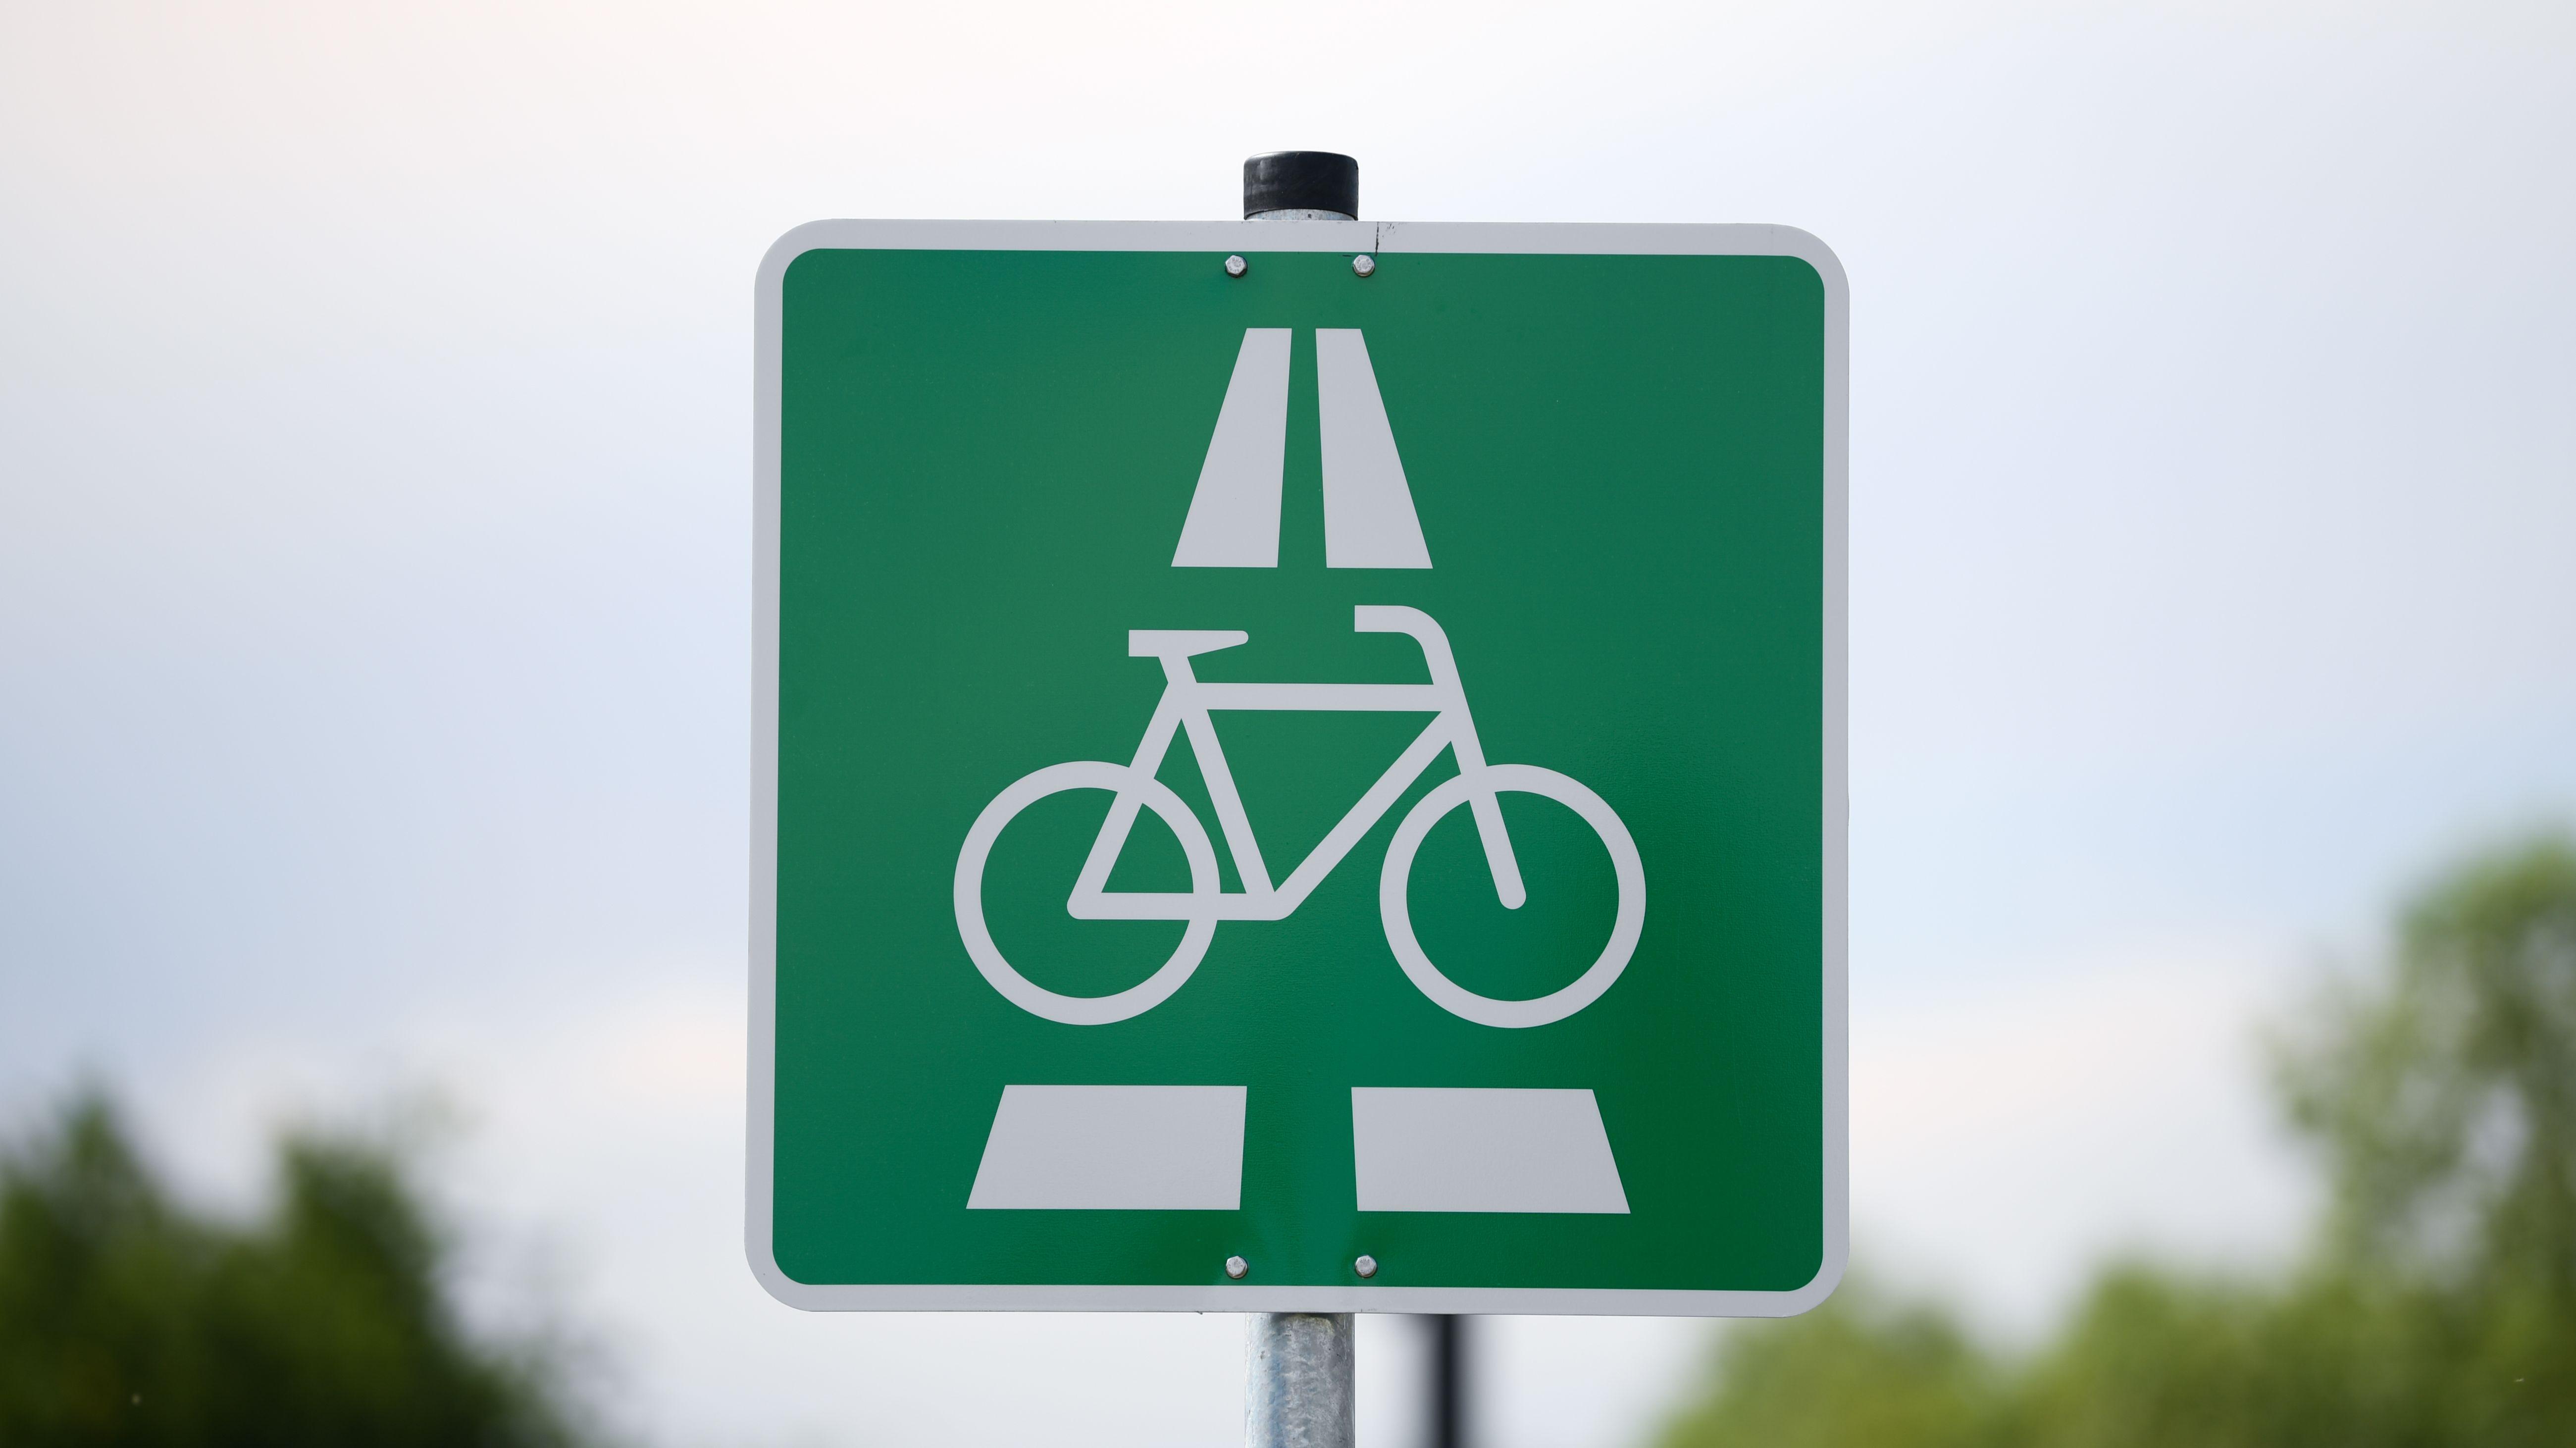 Verkehrsschild für einen Radschnellweg